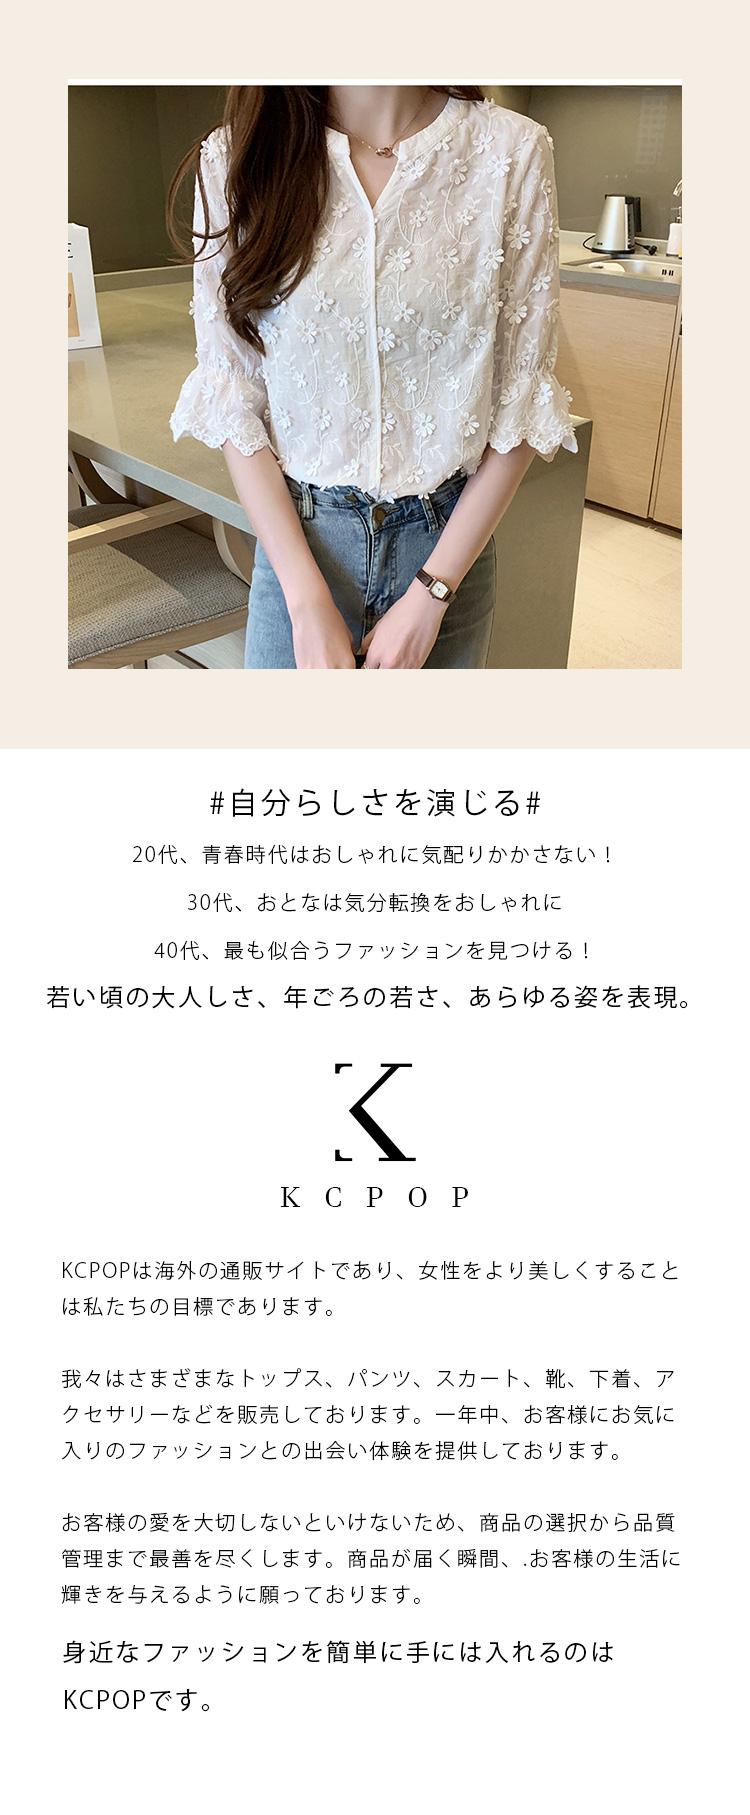 kcpop-介绍.jpg